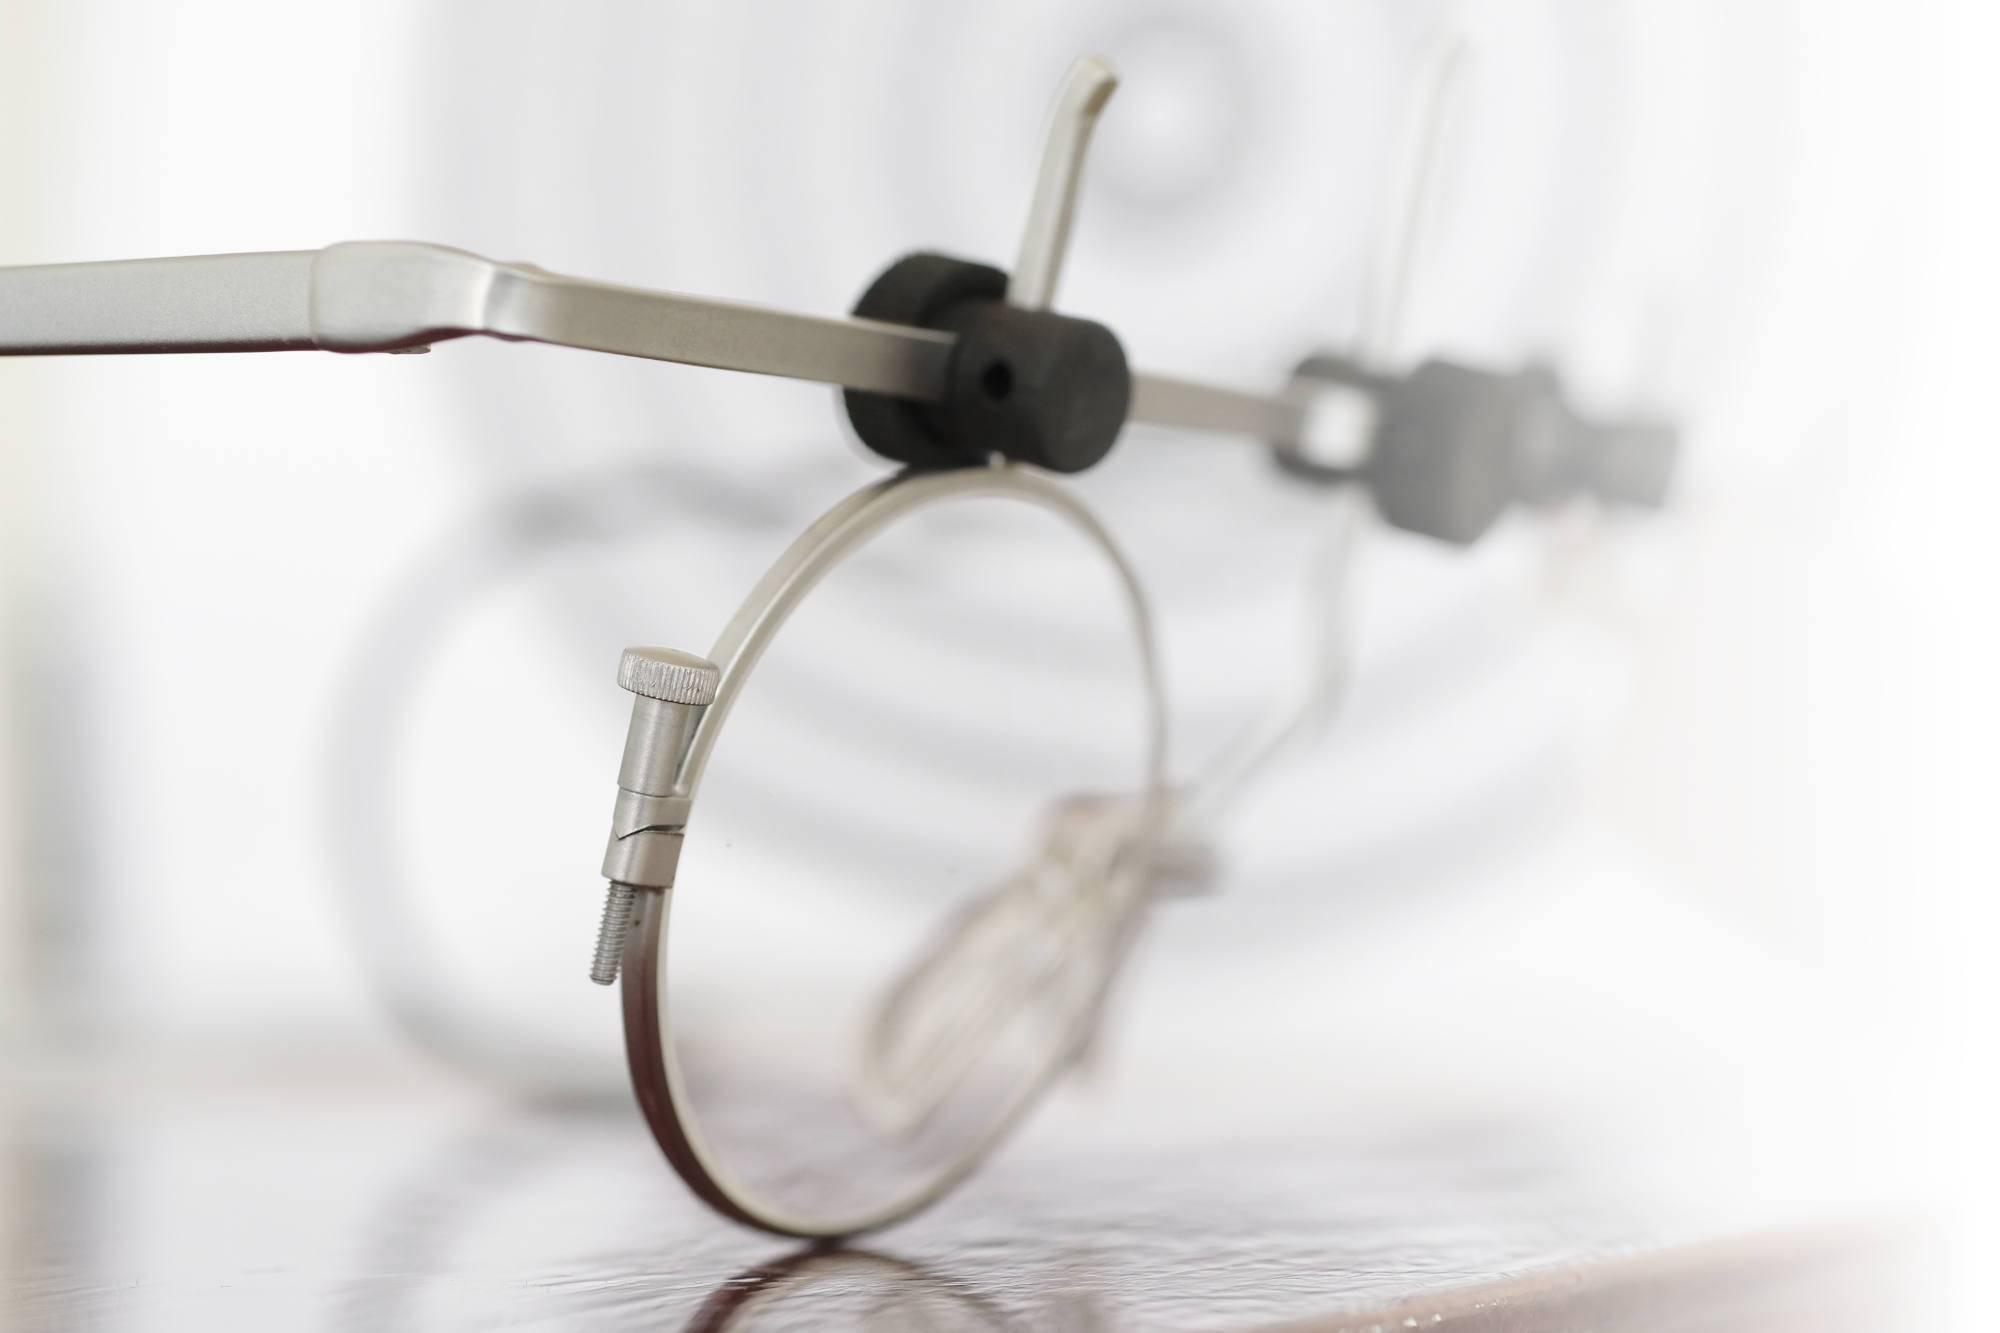 JAEGGI Nova-Schiessbrille für Pistole, R, 42mm gerade